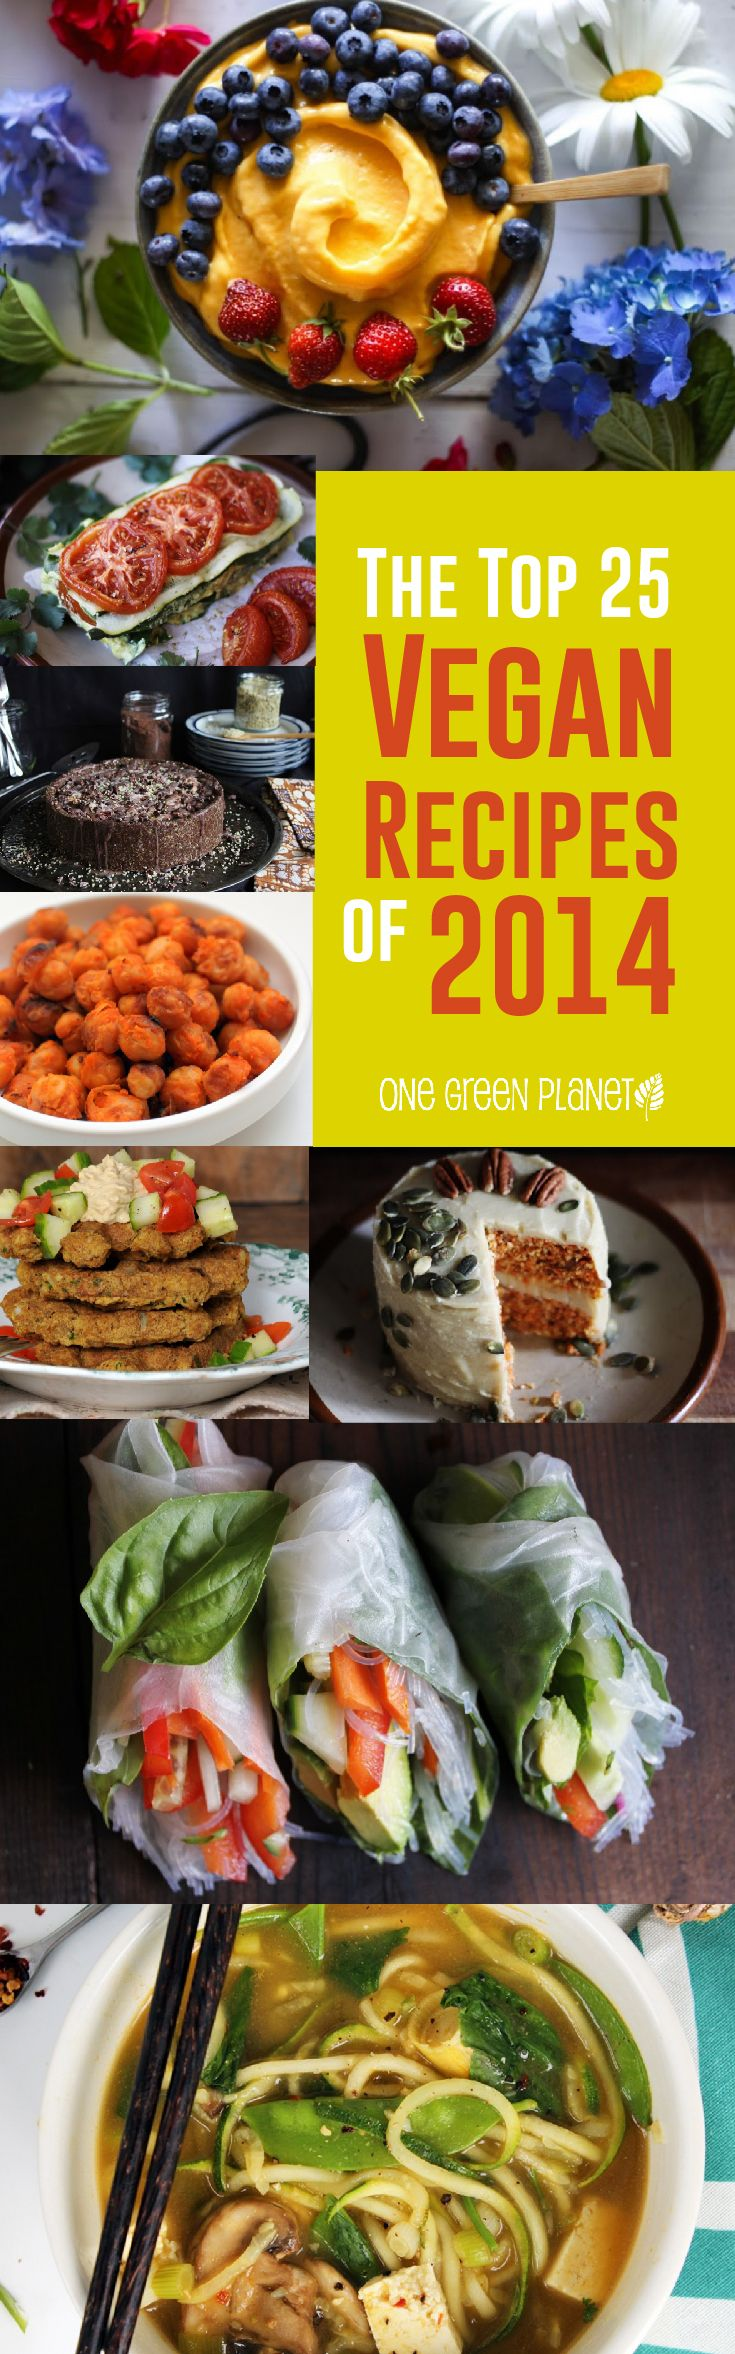 http://onegr.pl/1HZvkC5 #vegan #vegetarian #recipes